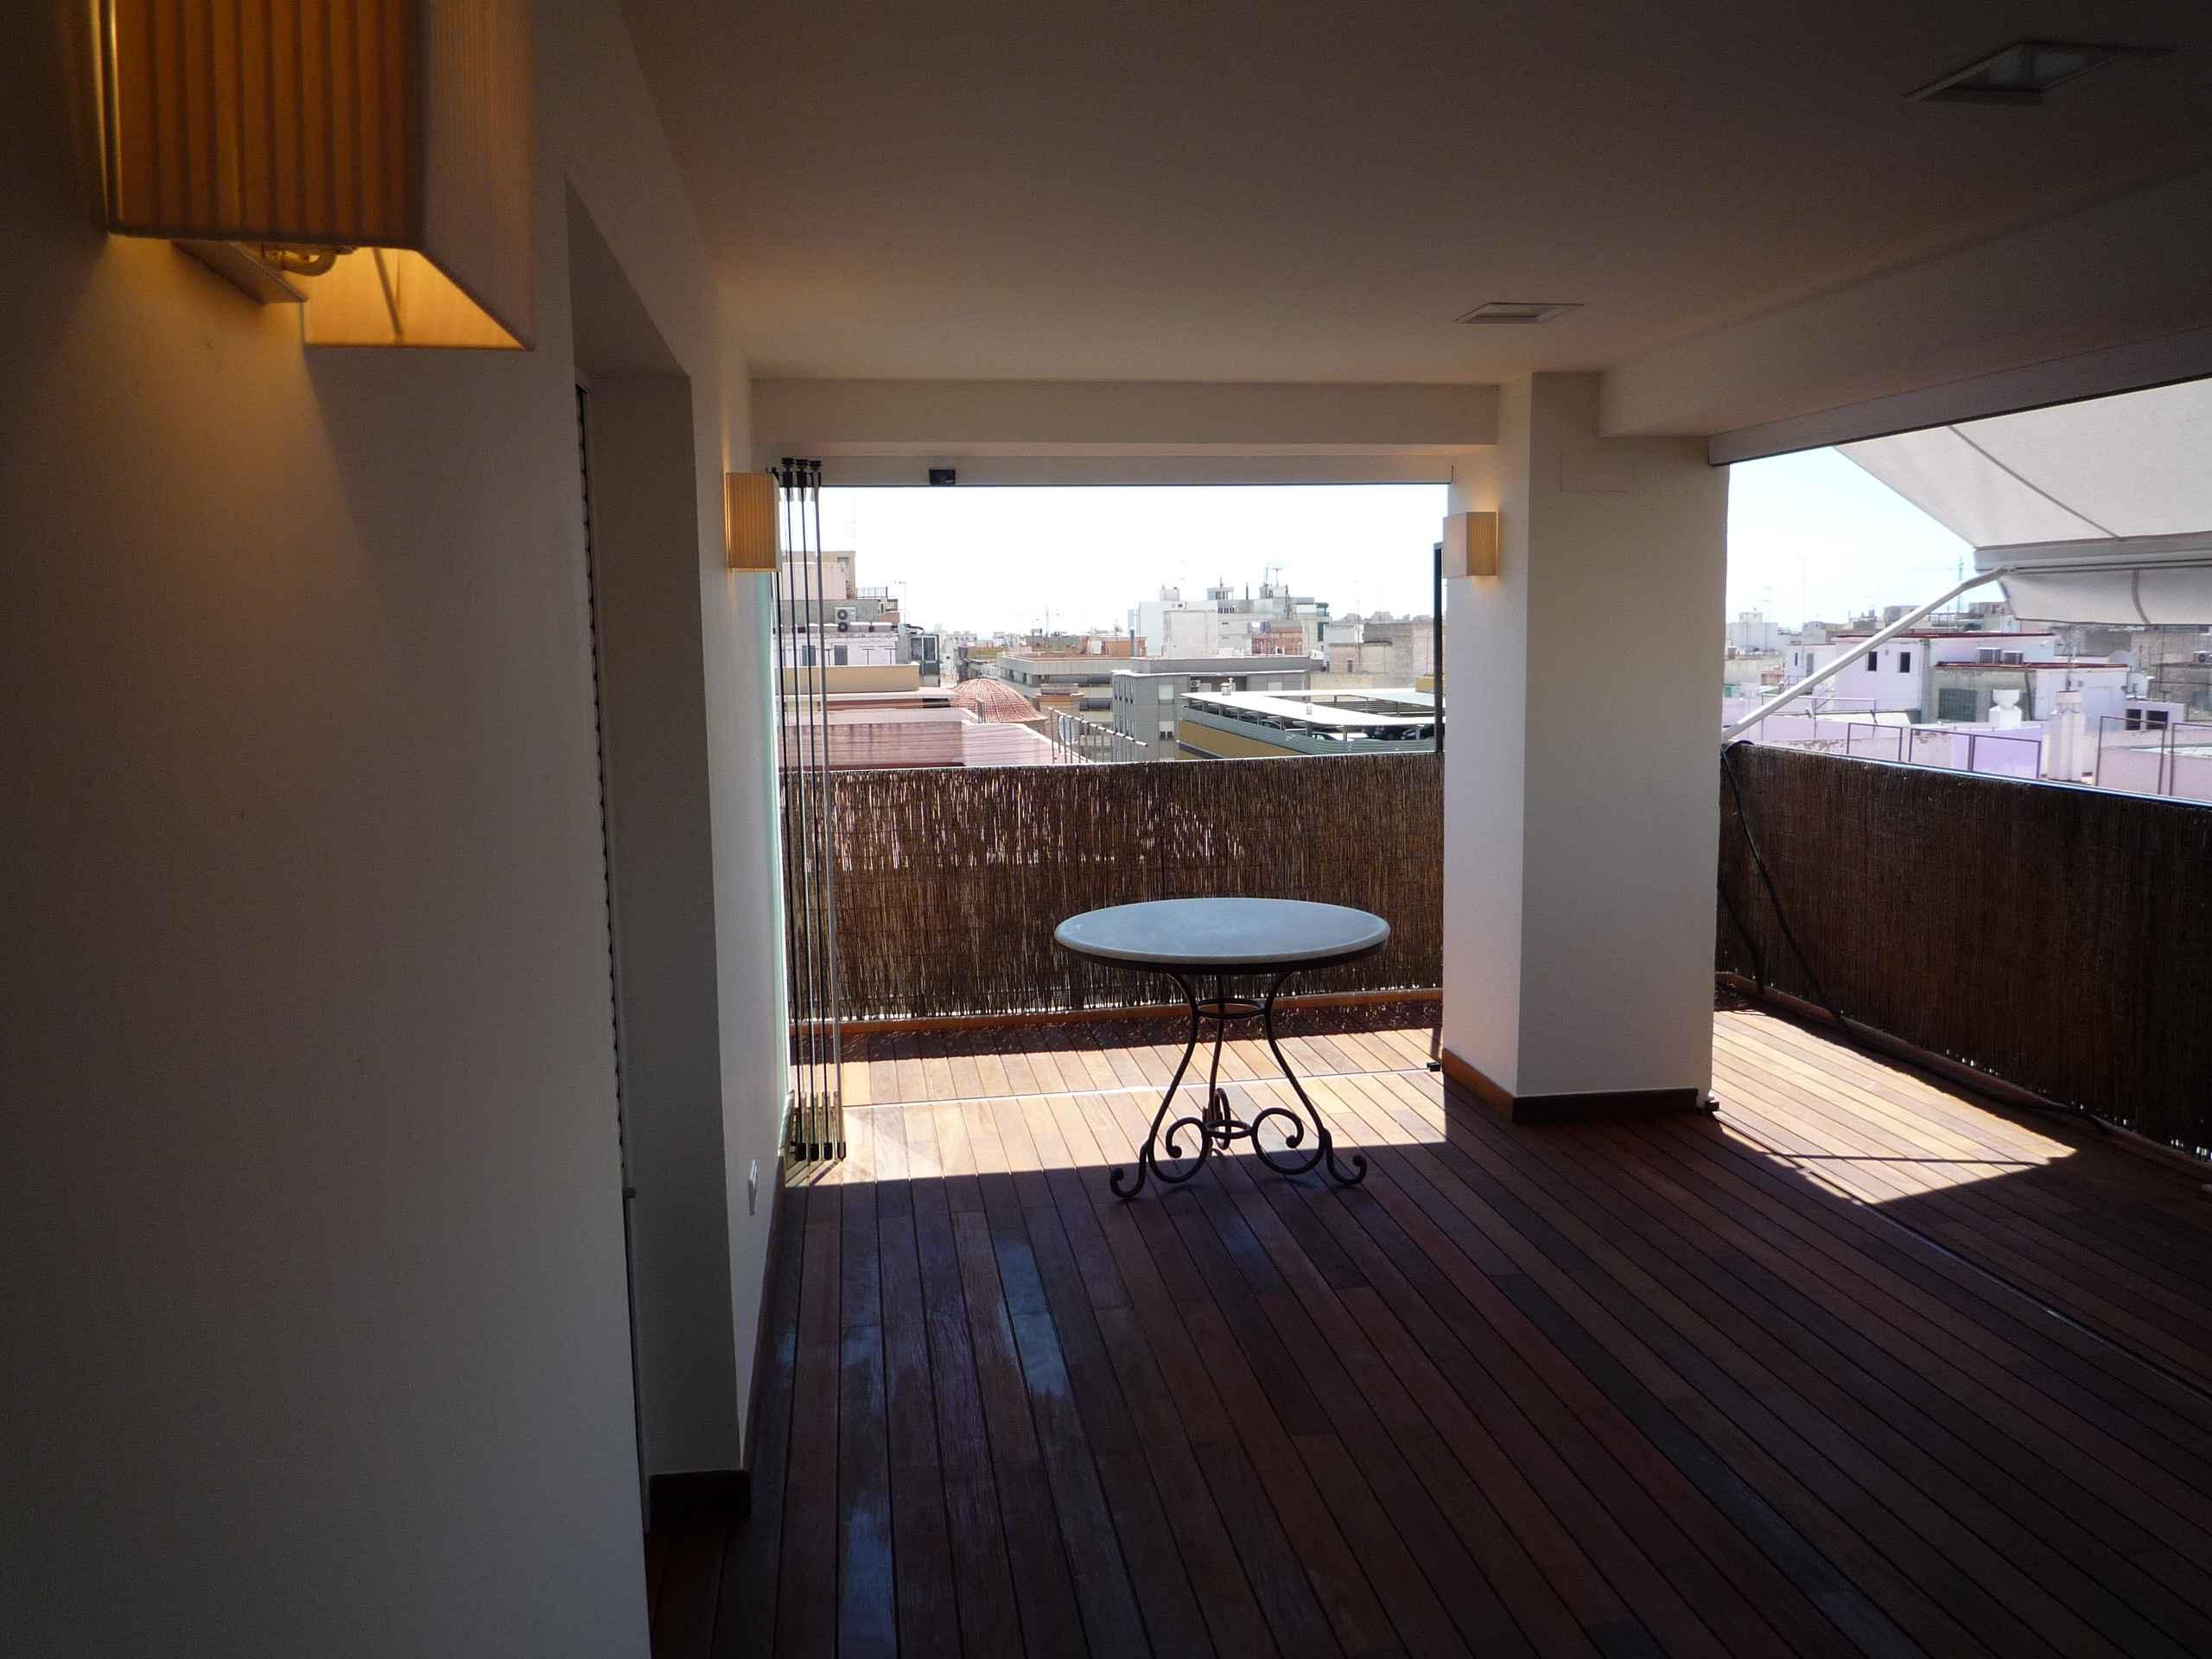 Reformas de terrazas cool reformas de terrazas construfer - Reformas de terrazas ...